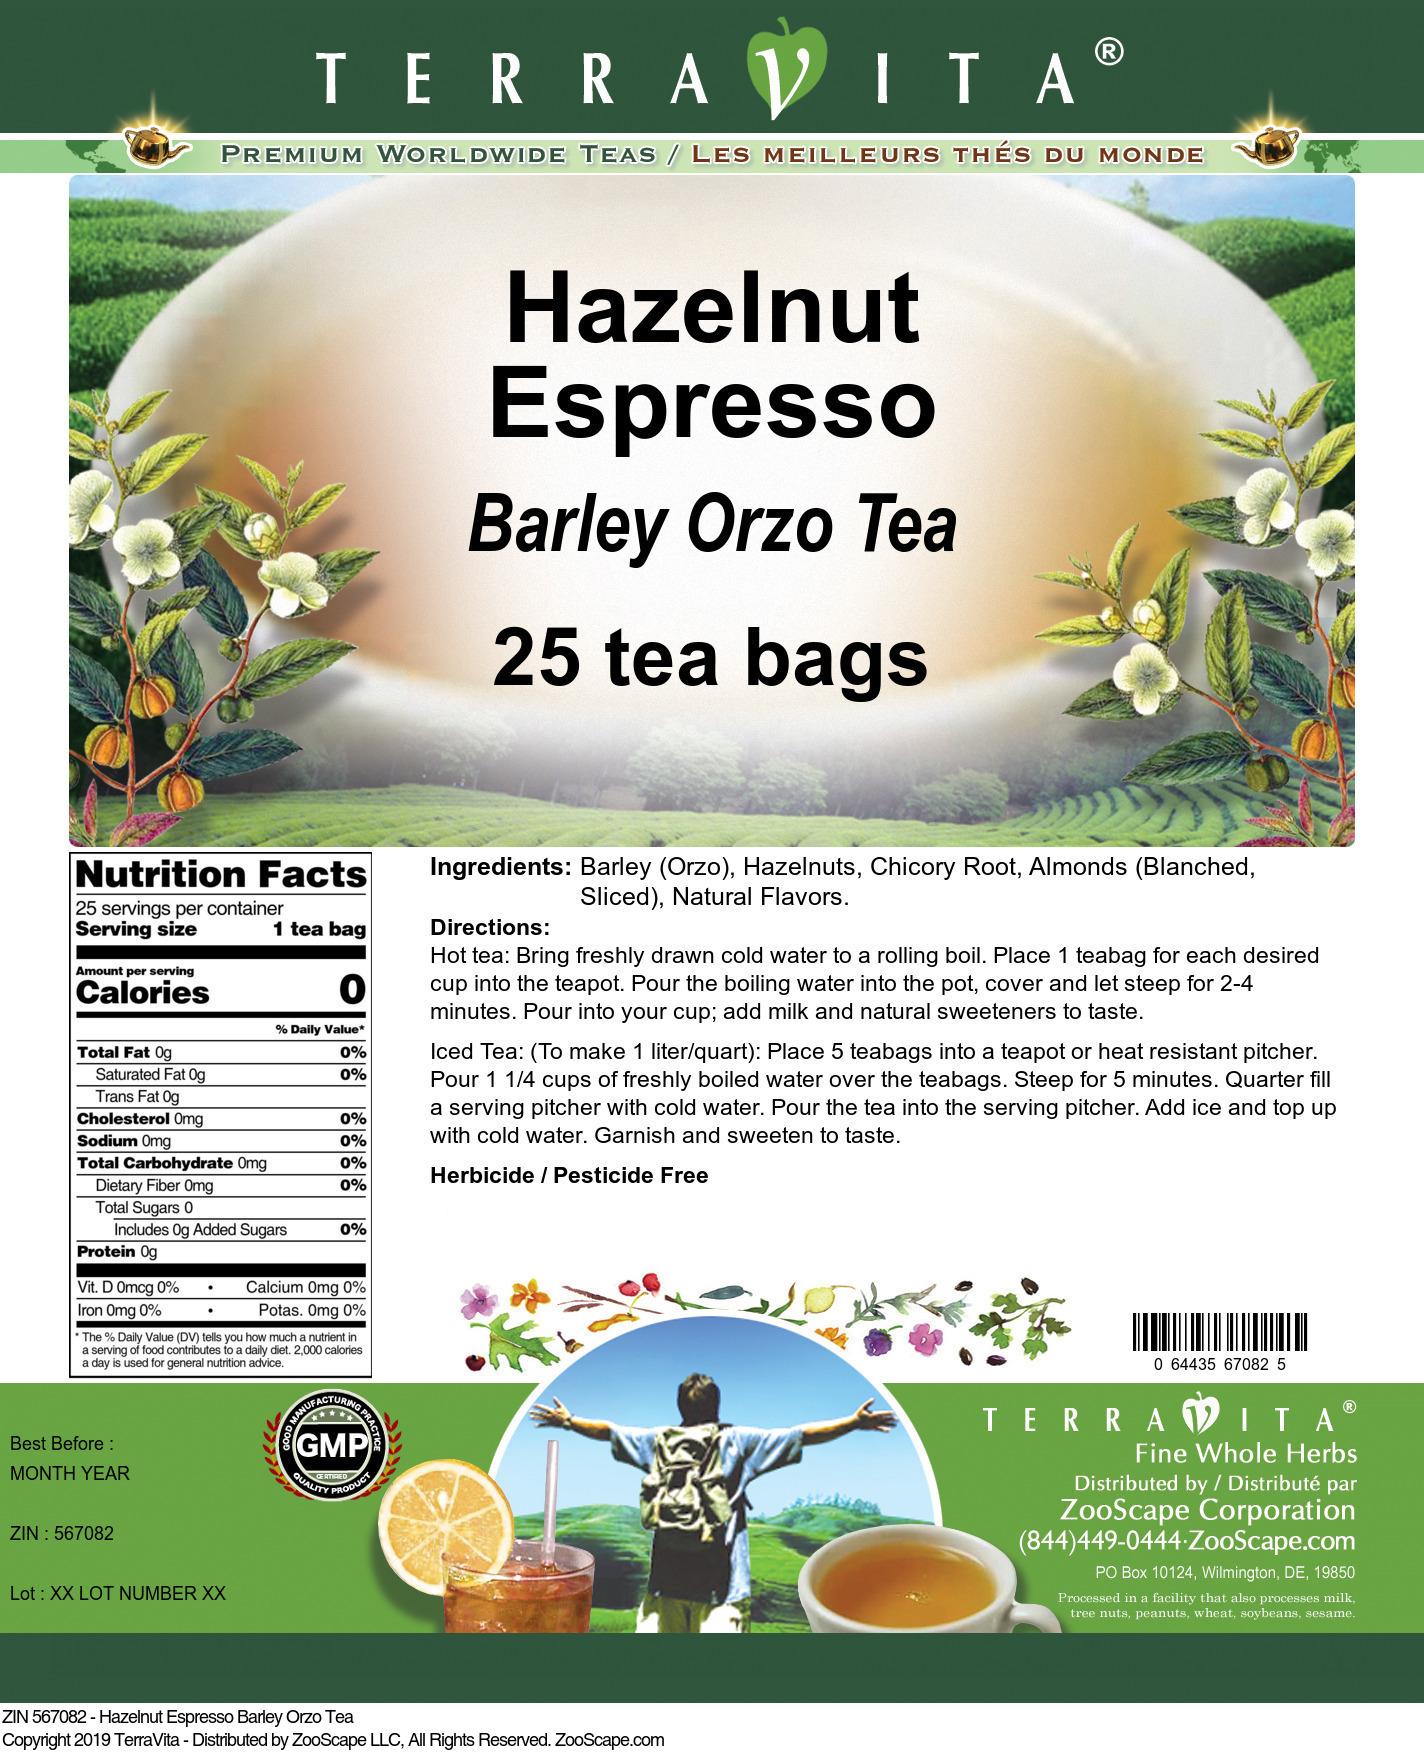 Hazelnut Espresso Barley Orzo Tea